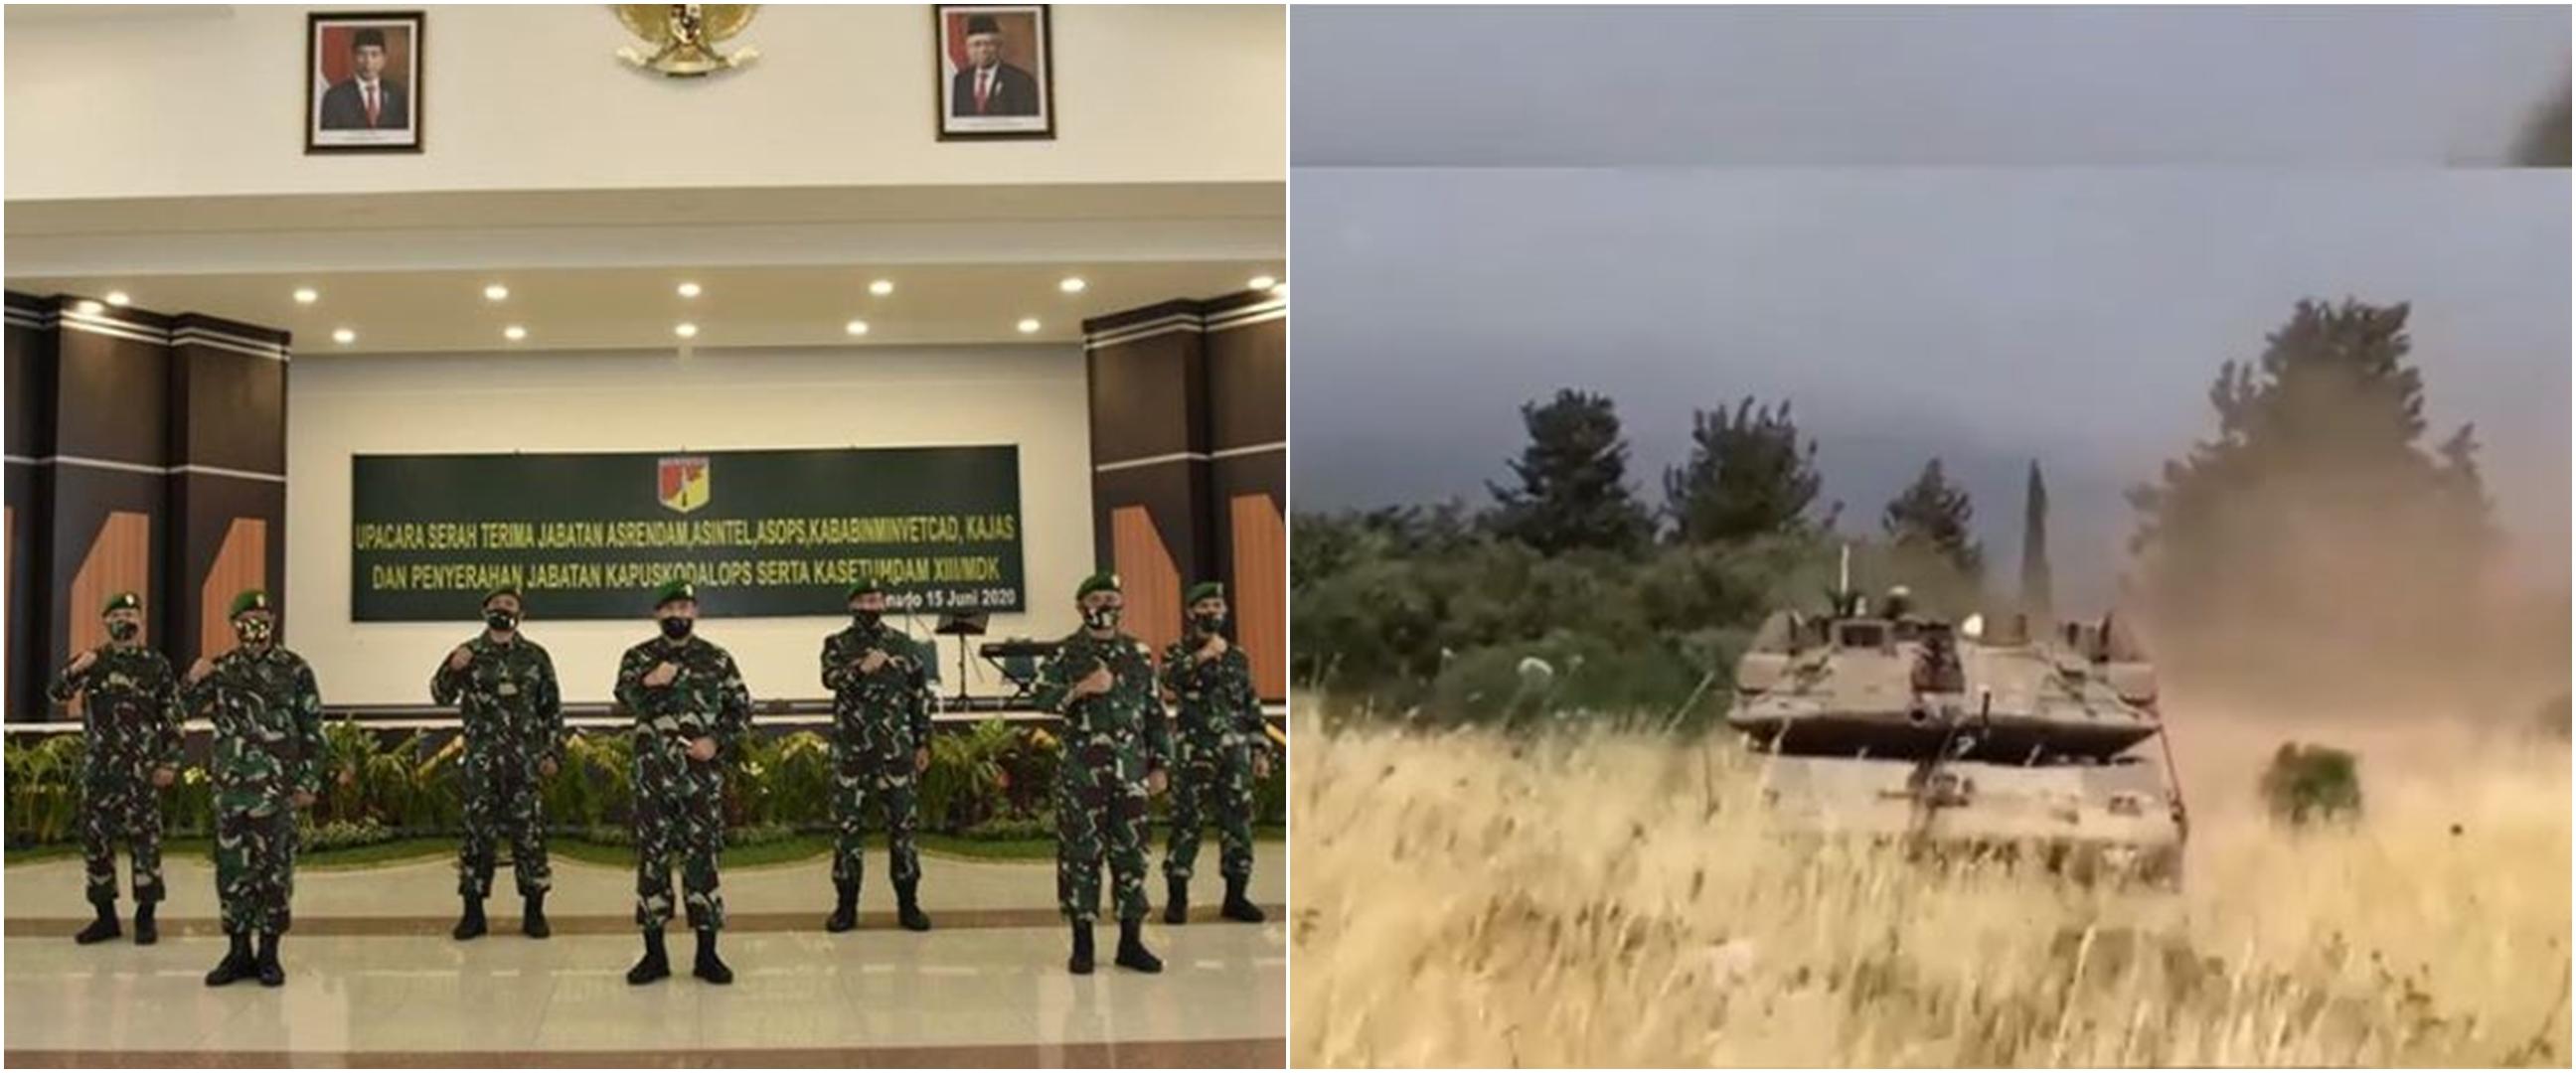 Detik-detik menegangkan prajurit TNI adang tank Israel di Lebanon